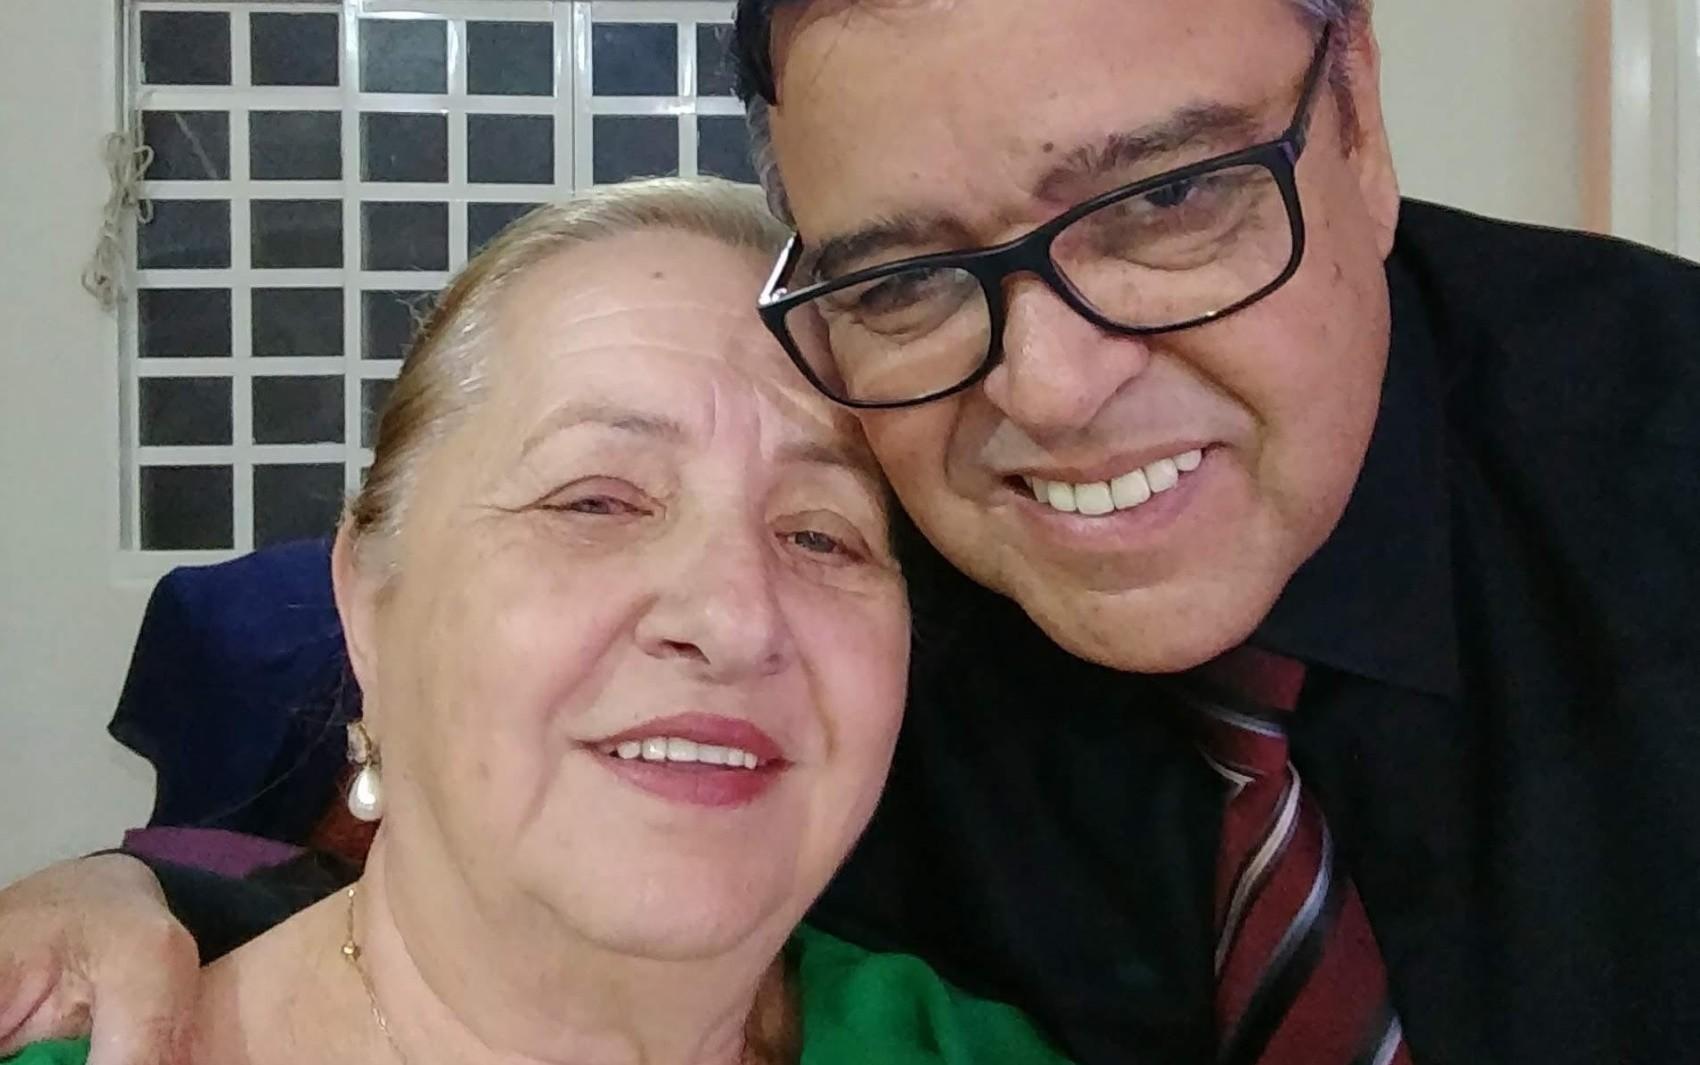 Ex-secretário de Saúde de Pires do Rio, que vacinou a 'mulher da vida dele', também recebeu dose, diz MP